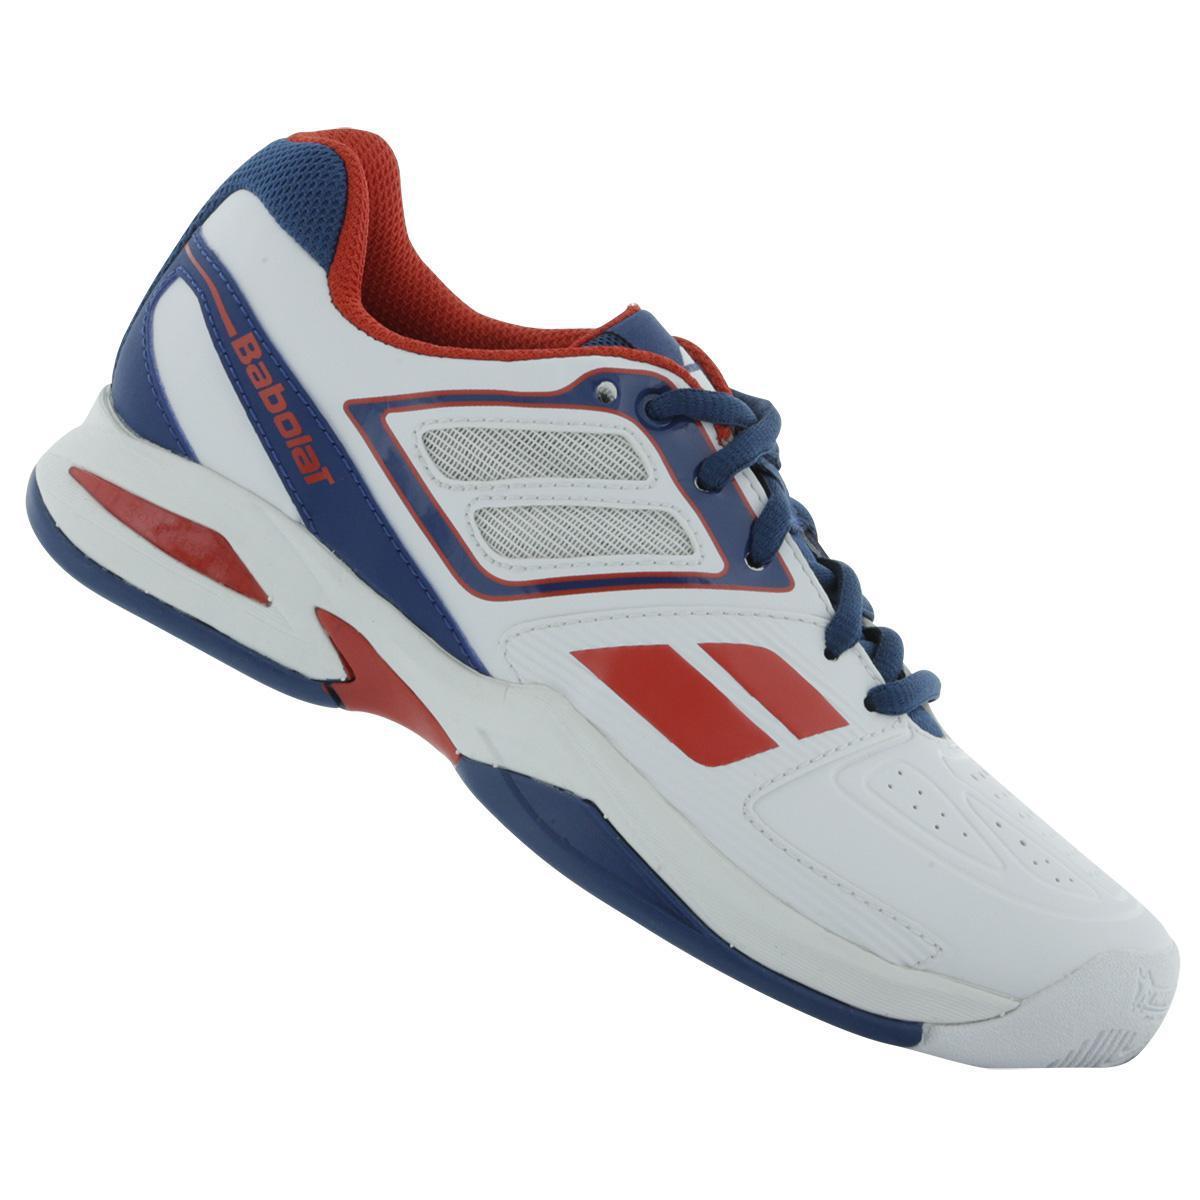 bc32d0d292a44 Babolat Boys Propulse Team BPM Junior Tennis Shoes - White/Blue